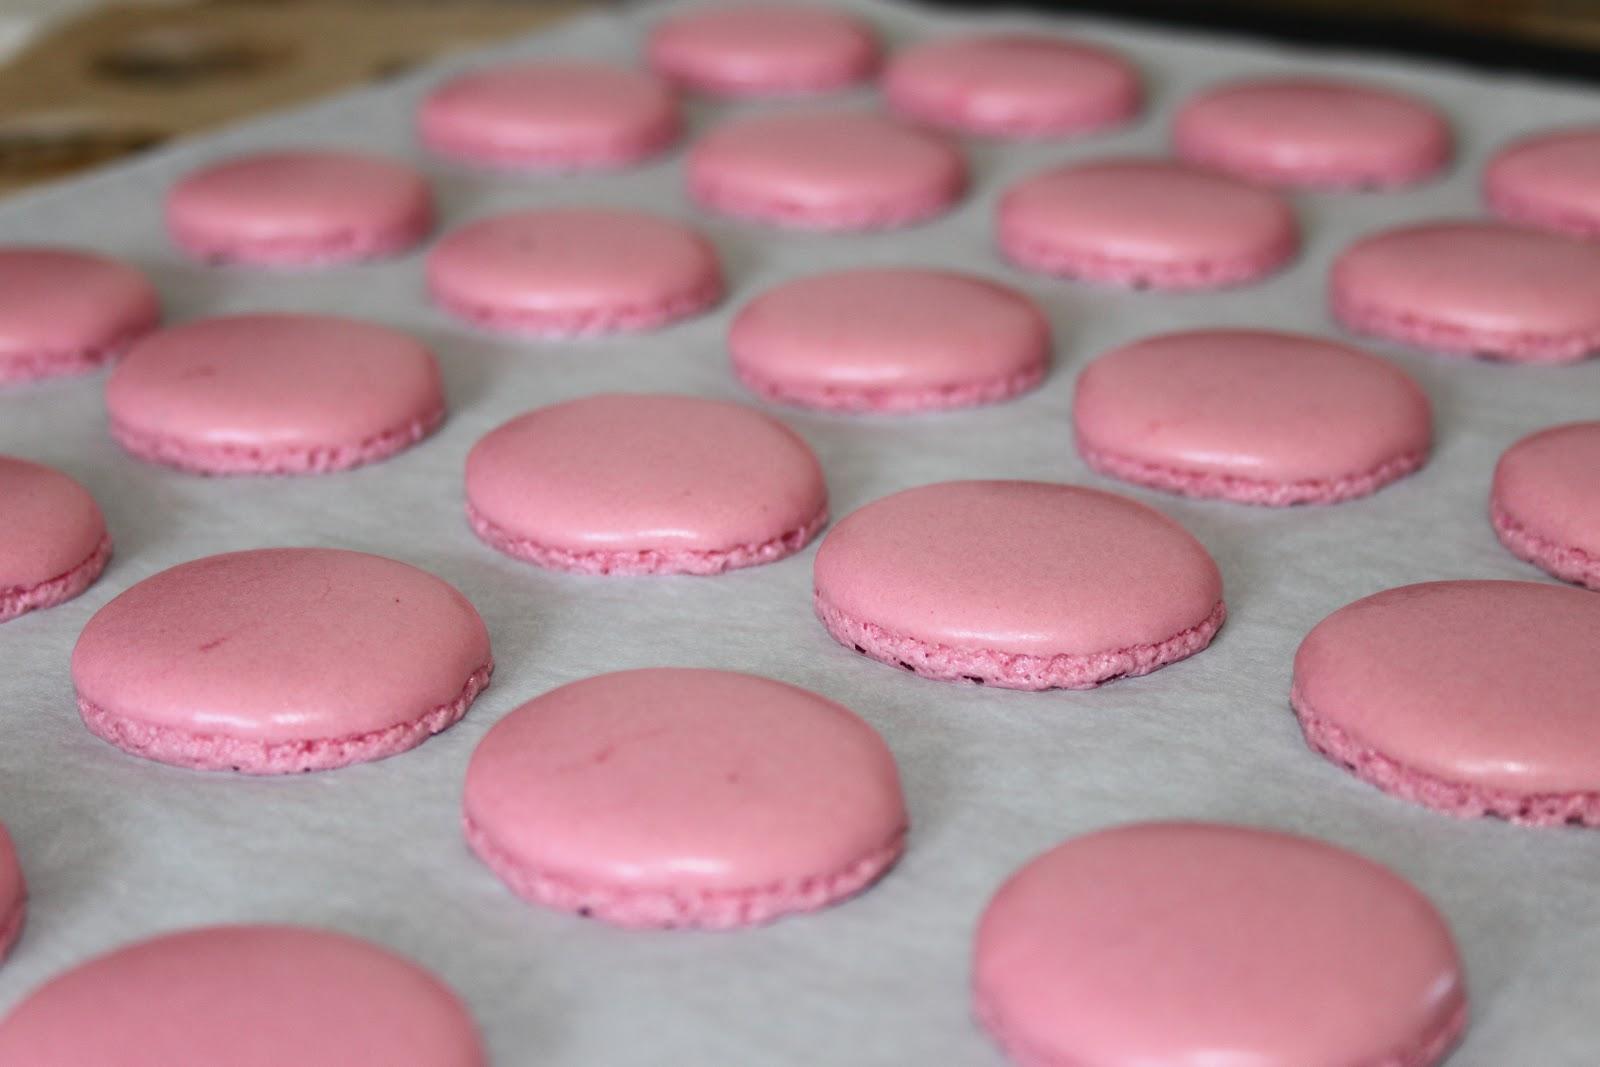 La cuisine de bernard macarons aux framboises - Mesurer sucre sans balance ...